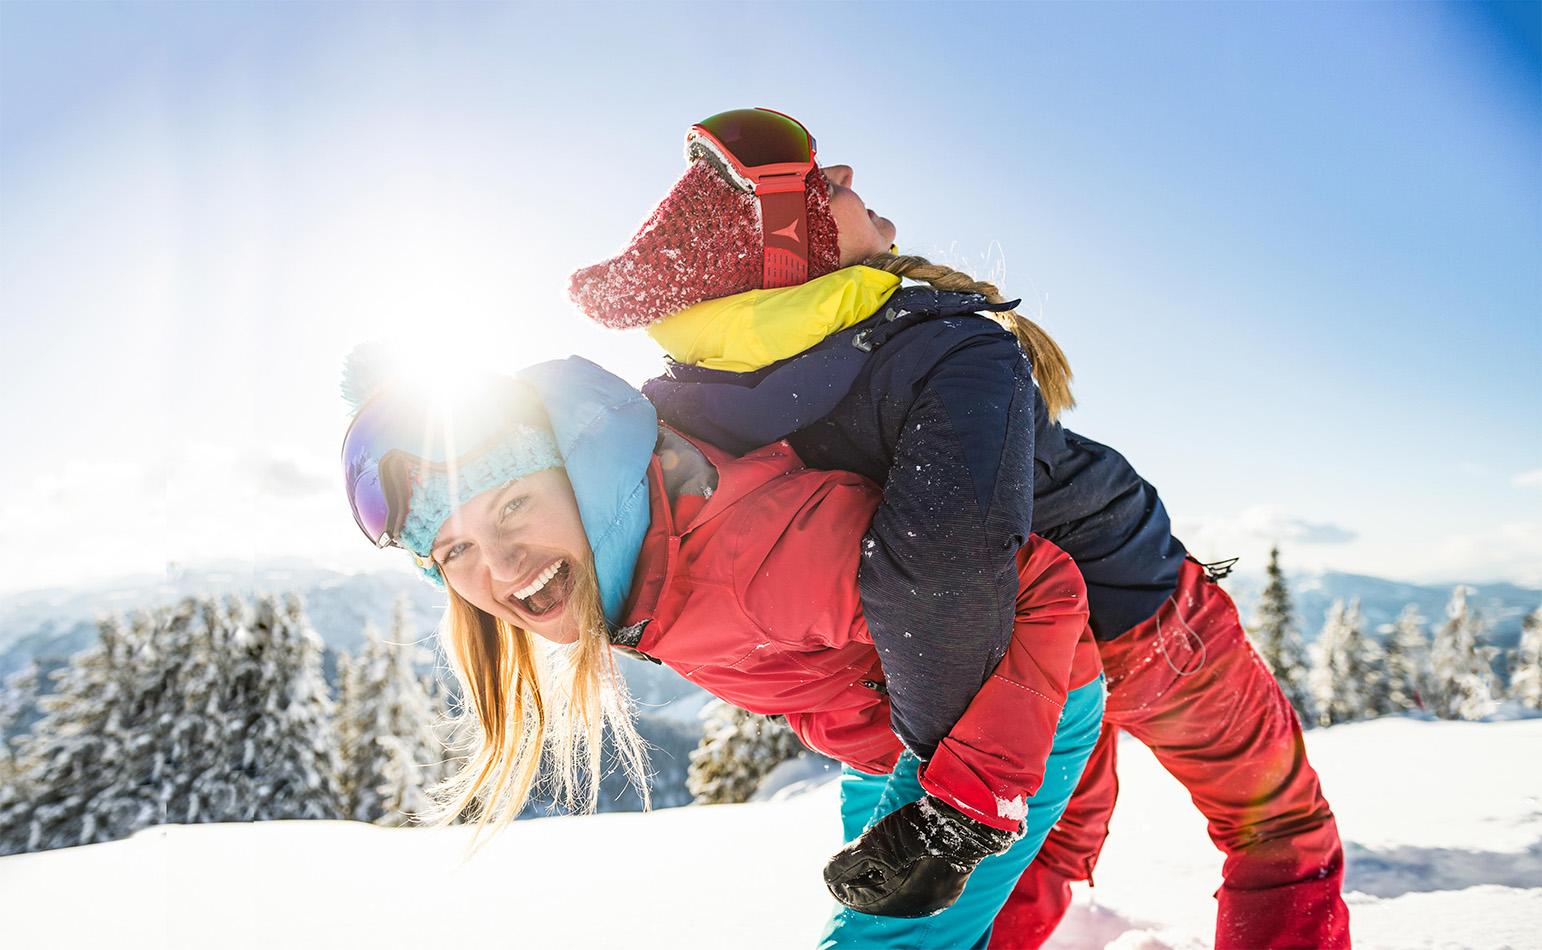 Crystls_Bring a Friend_gaudi-winter-flachau